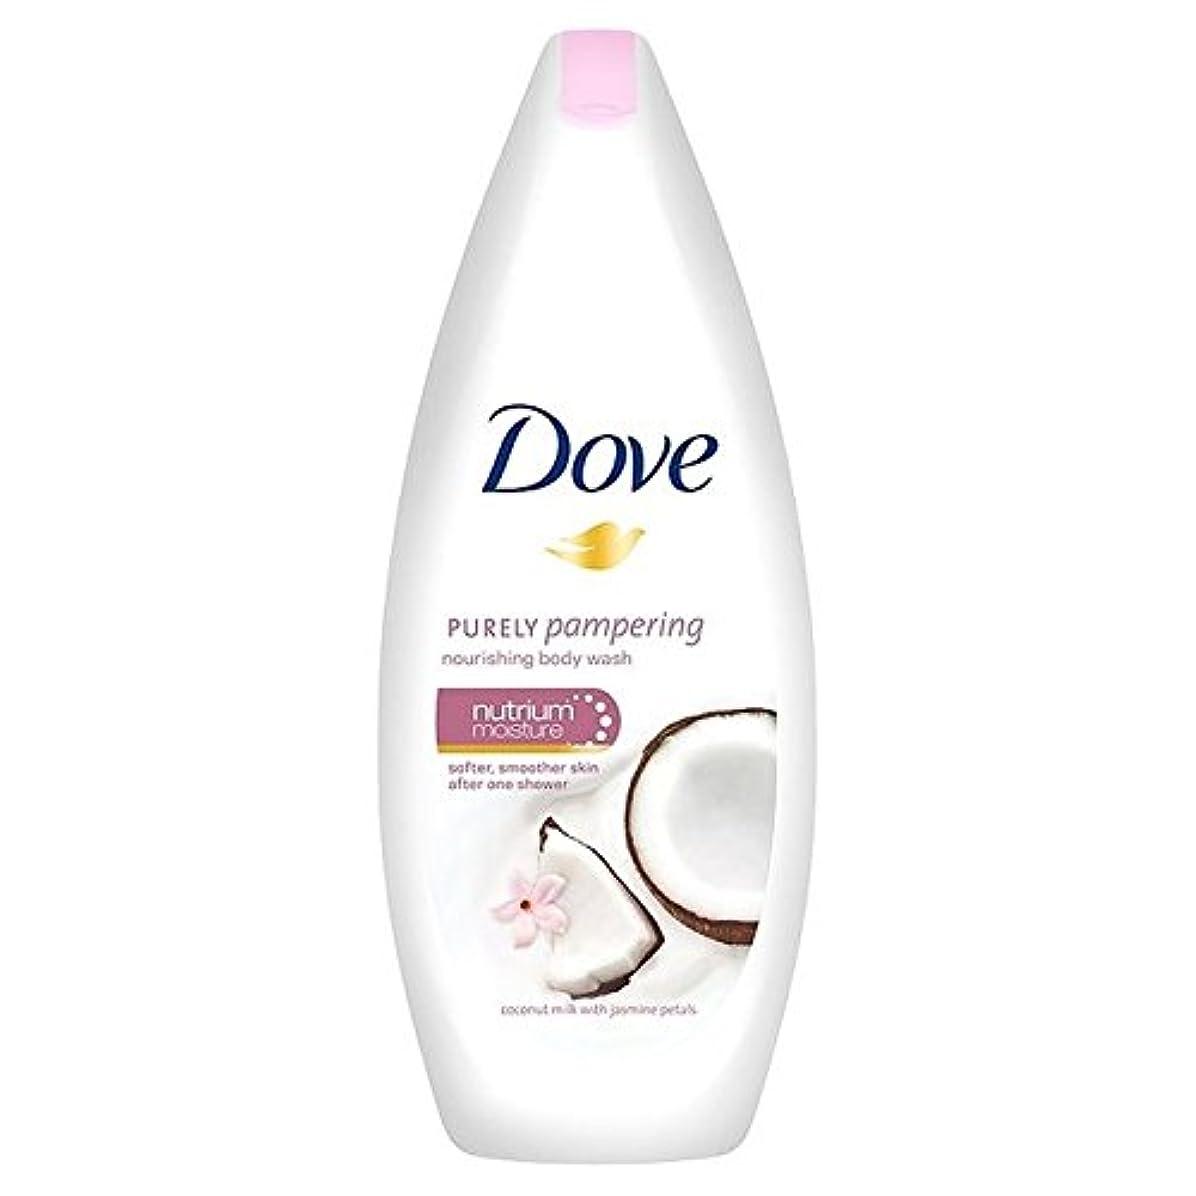 ソーダ水詩競う鳩純粋に甘やかすココナッツボディウォッシュ250ミリリットル x4 - Dove Purely Pampering Coconut Body Wash 250ml (Pack of 4) [並行輸入品]